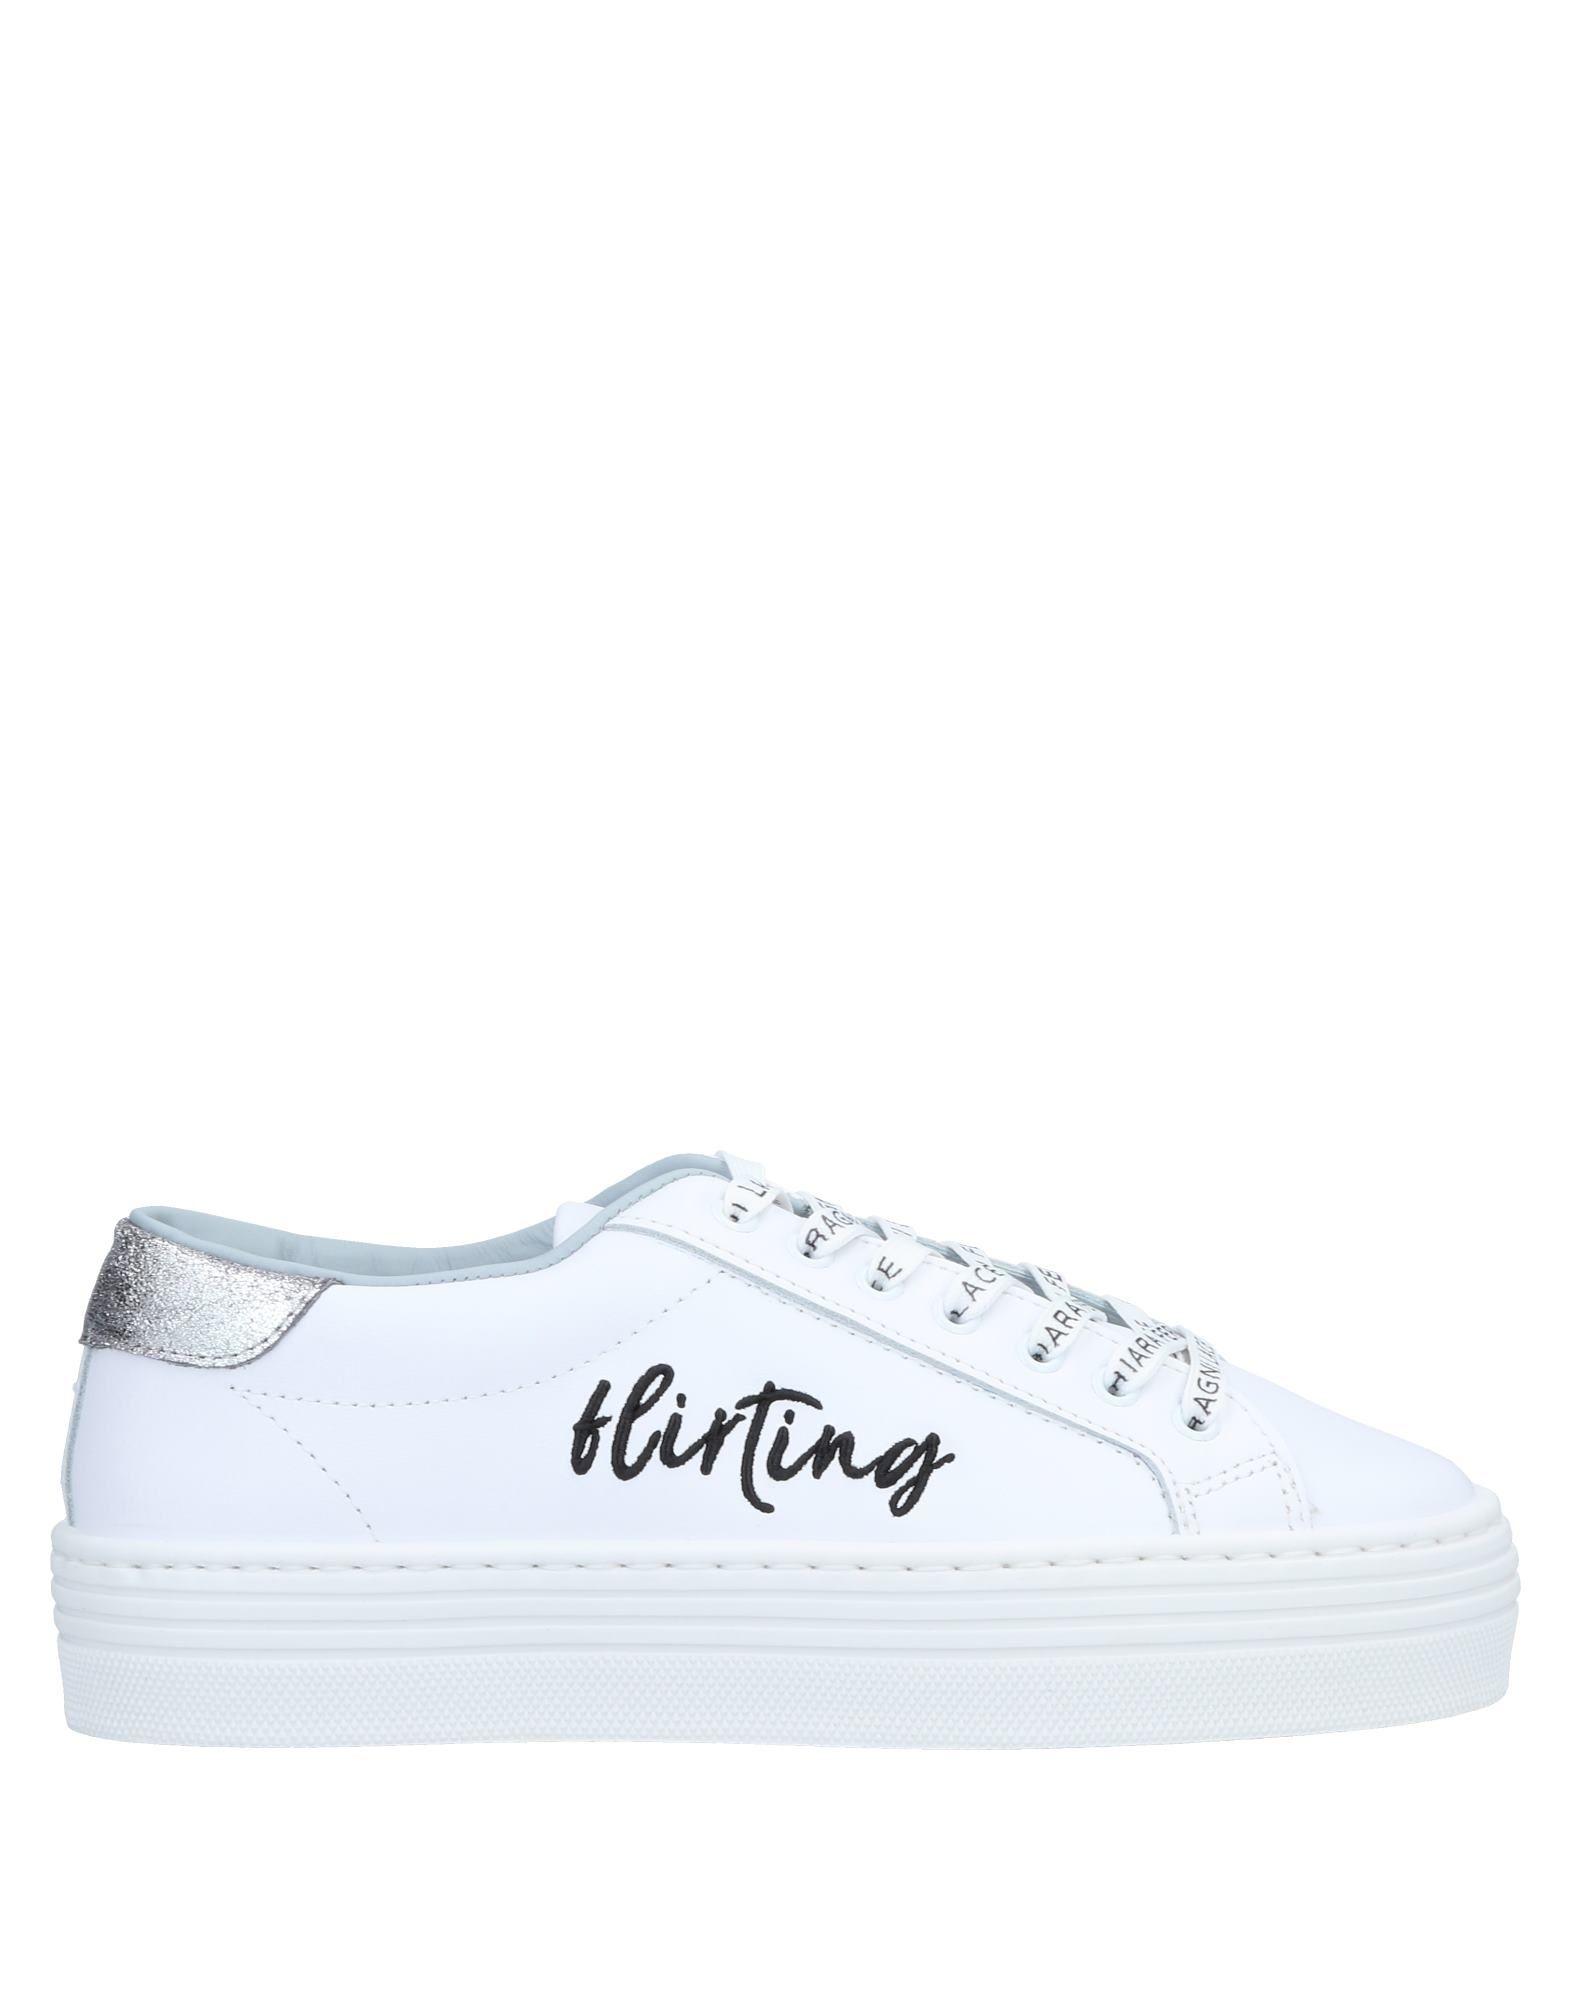 Chiara Ferragni Sneakers - Women Chiara Ferragni Sneakers - online on  Canada - Sneakers 11564594ND 95ee84